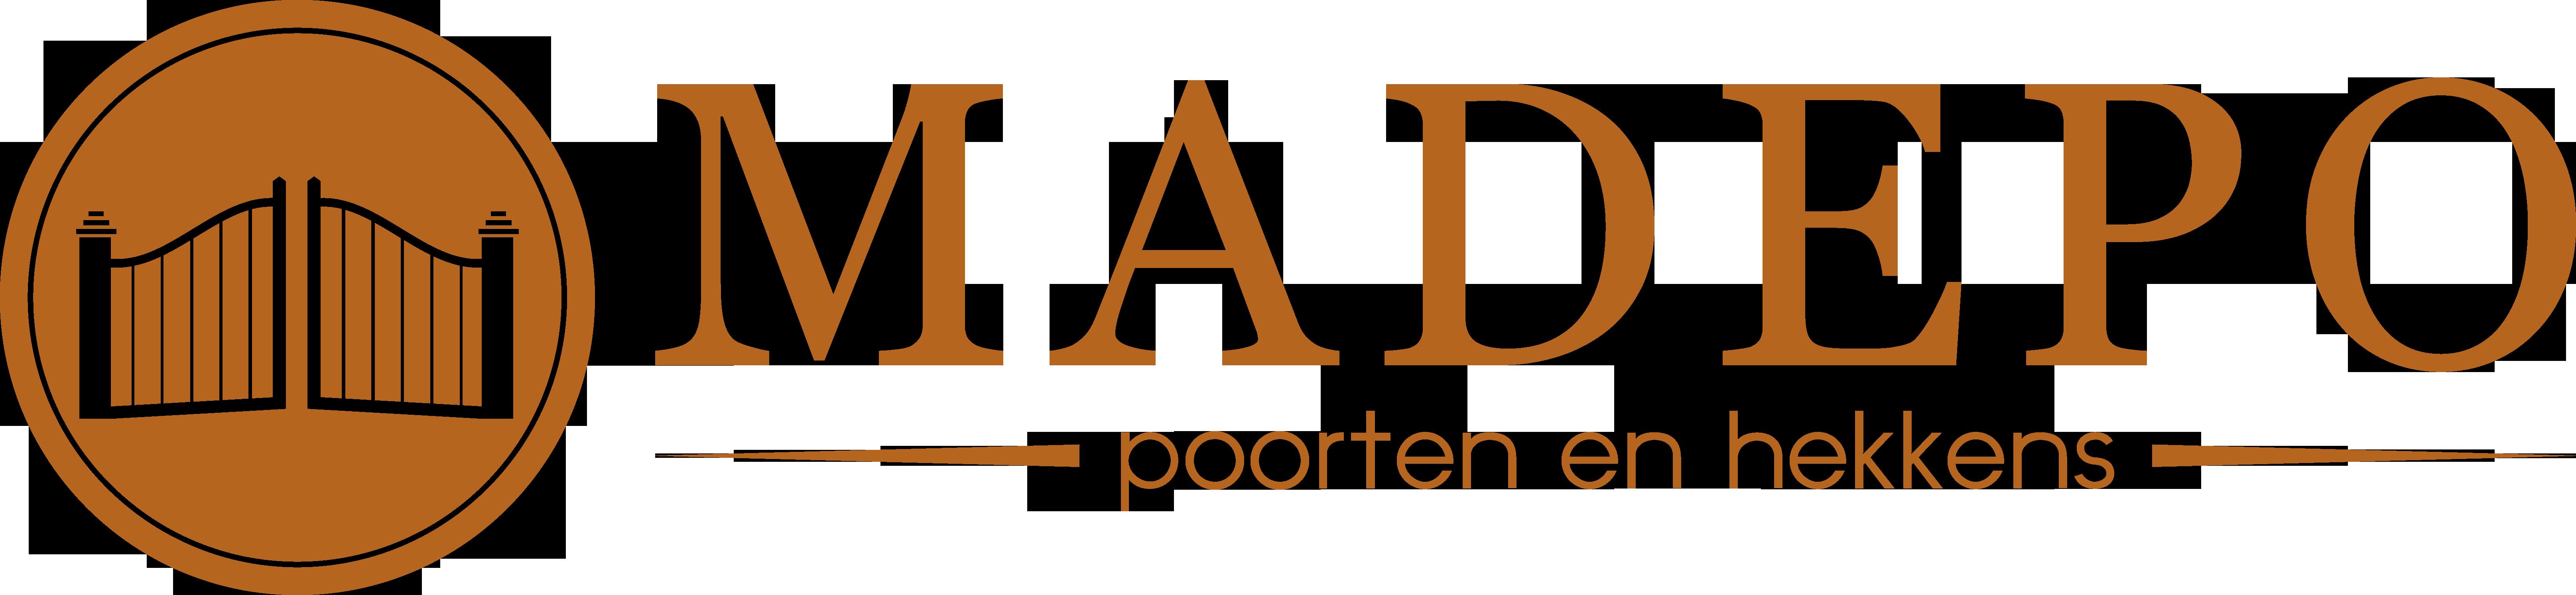 Madepo